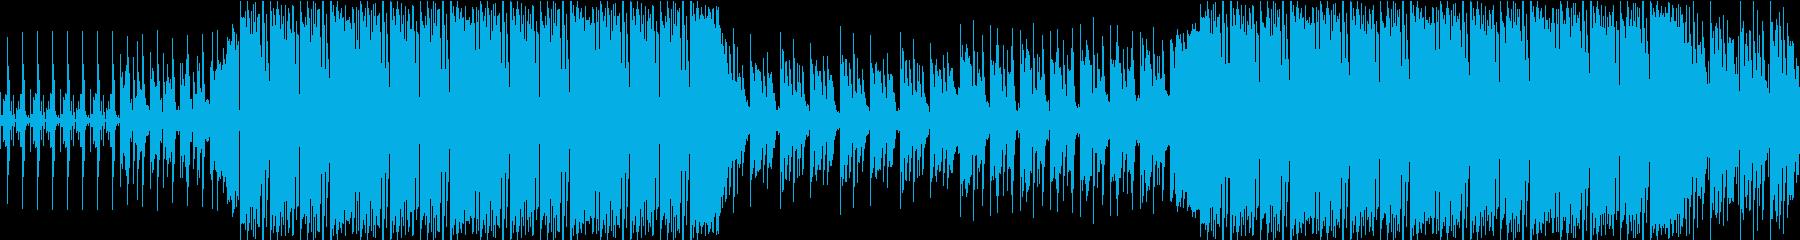 ニューディスコ/ファンク/シティーポップの再生済みの波形